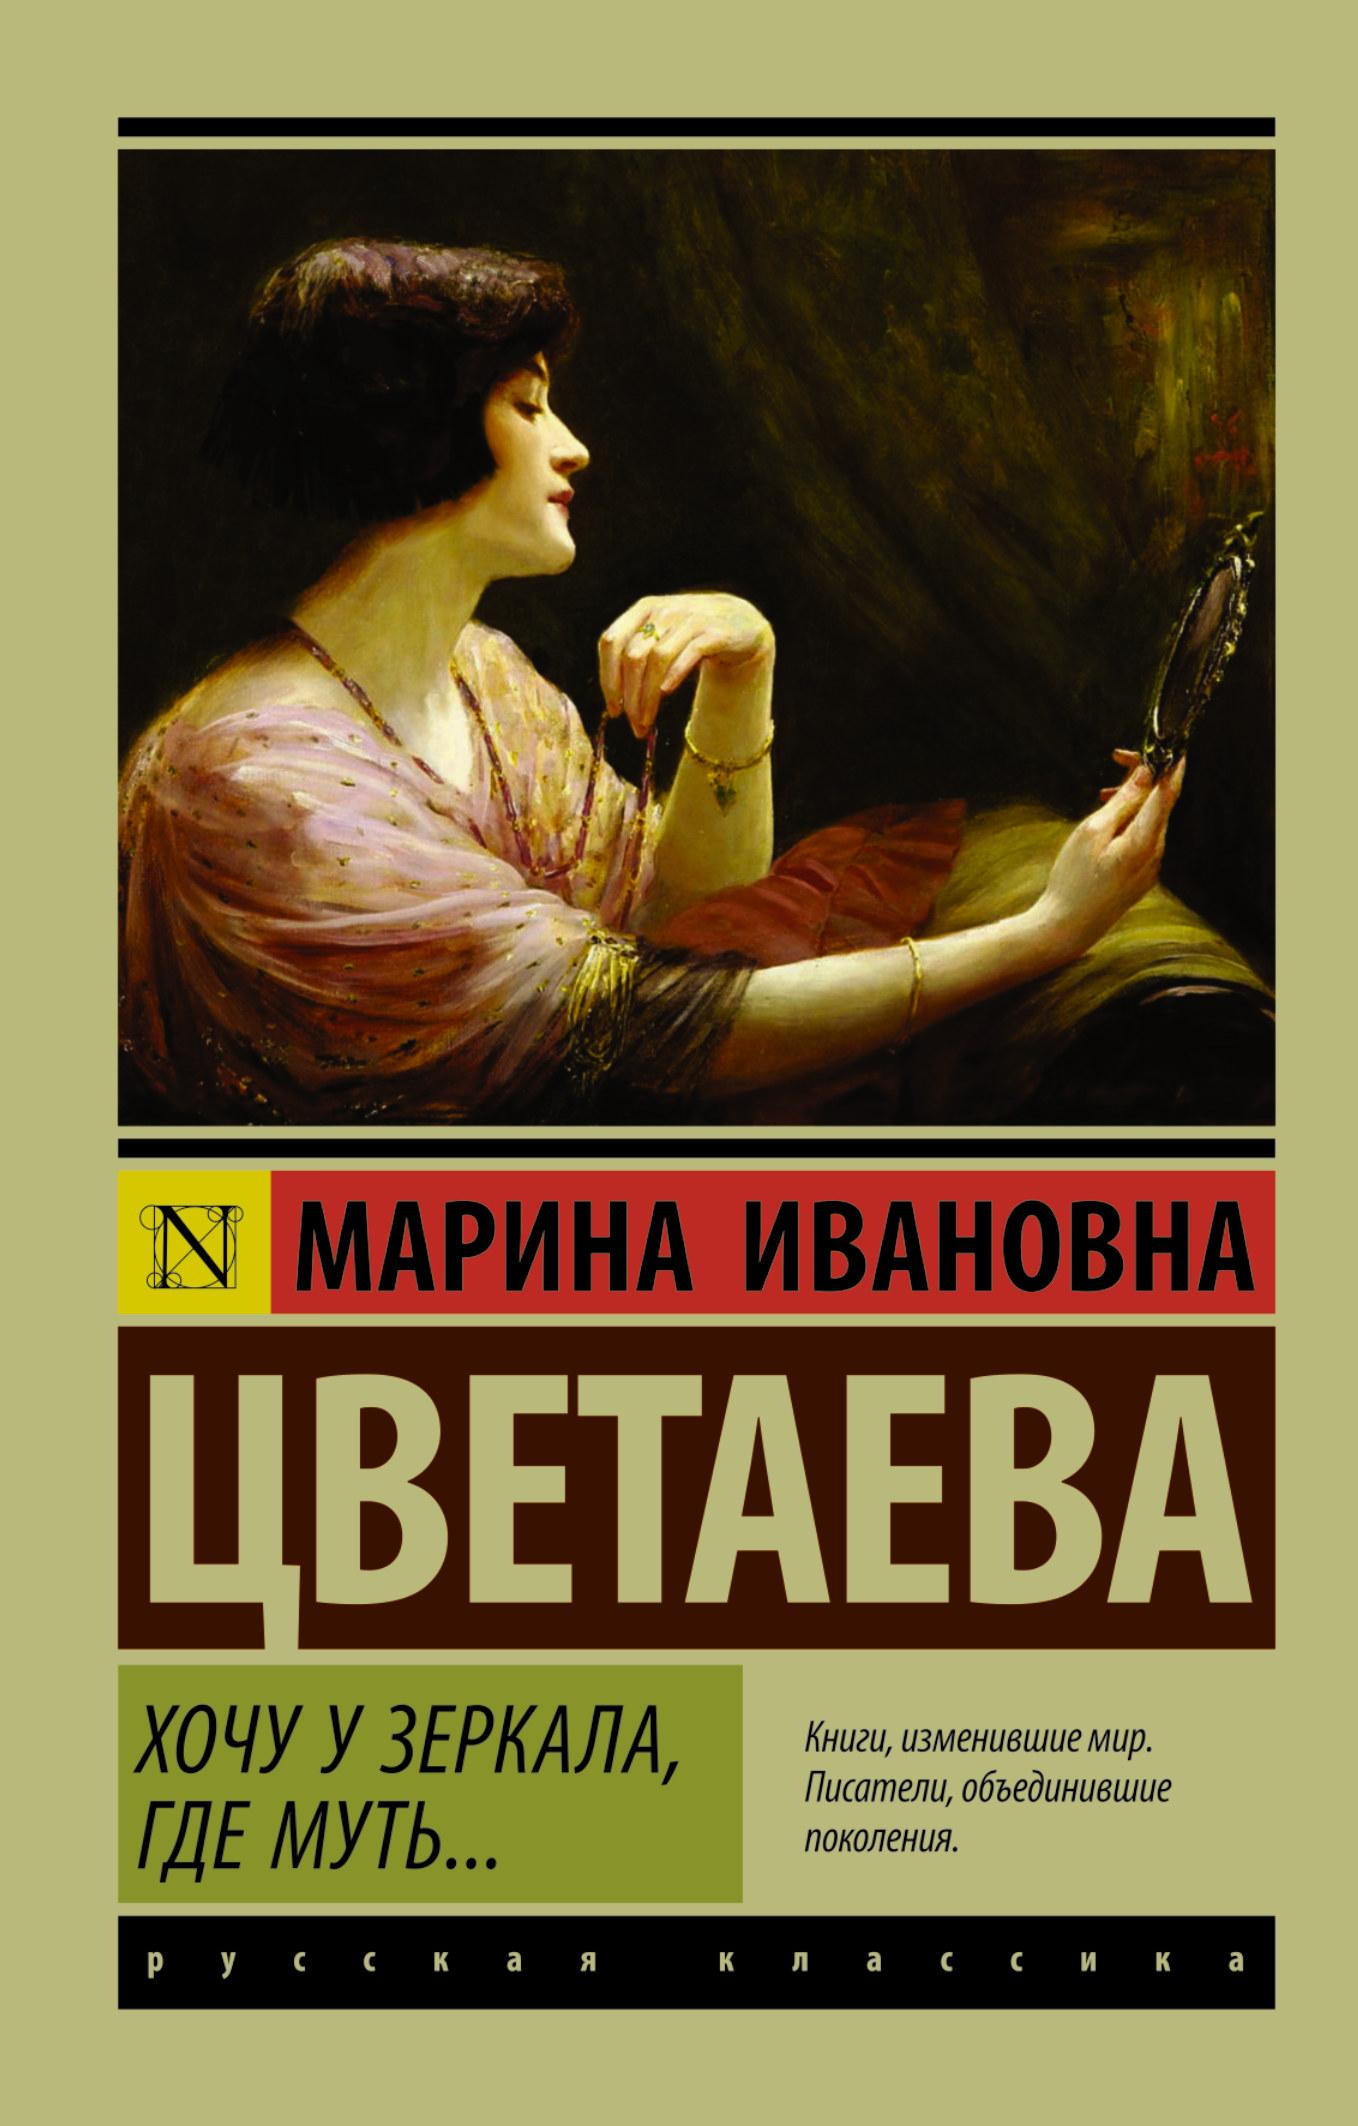 Купить Хочу у зеркала, где муть, Марина Цветаева, 978-5-17-098061-1